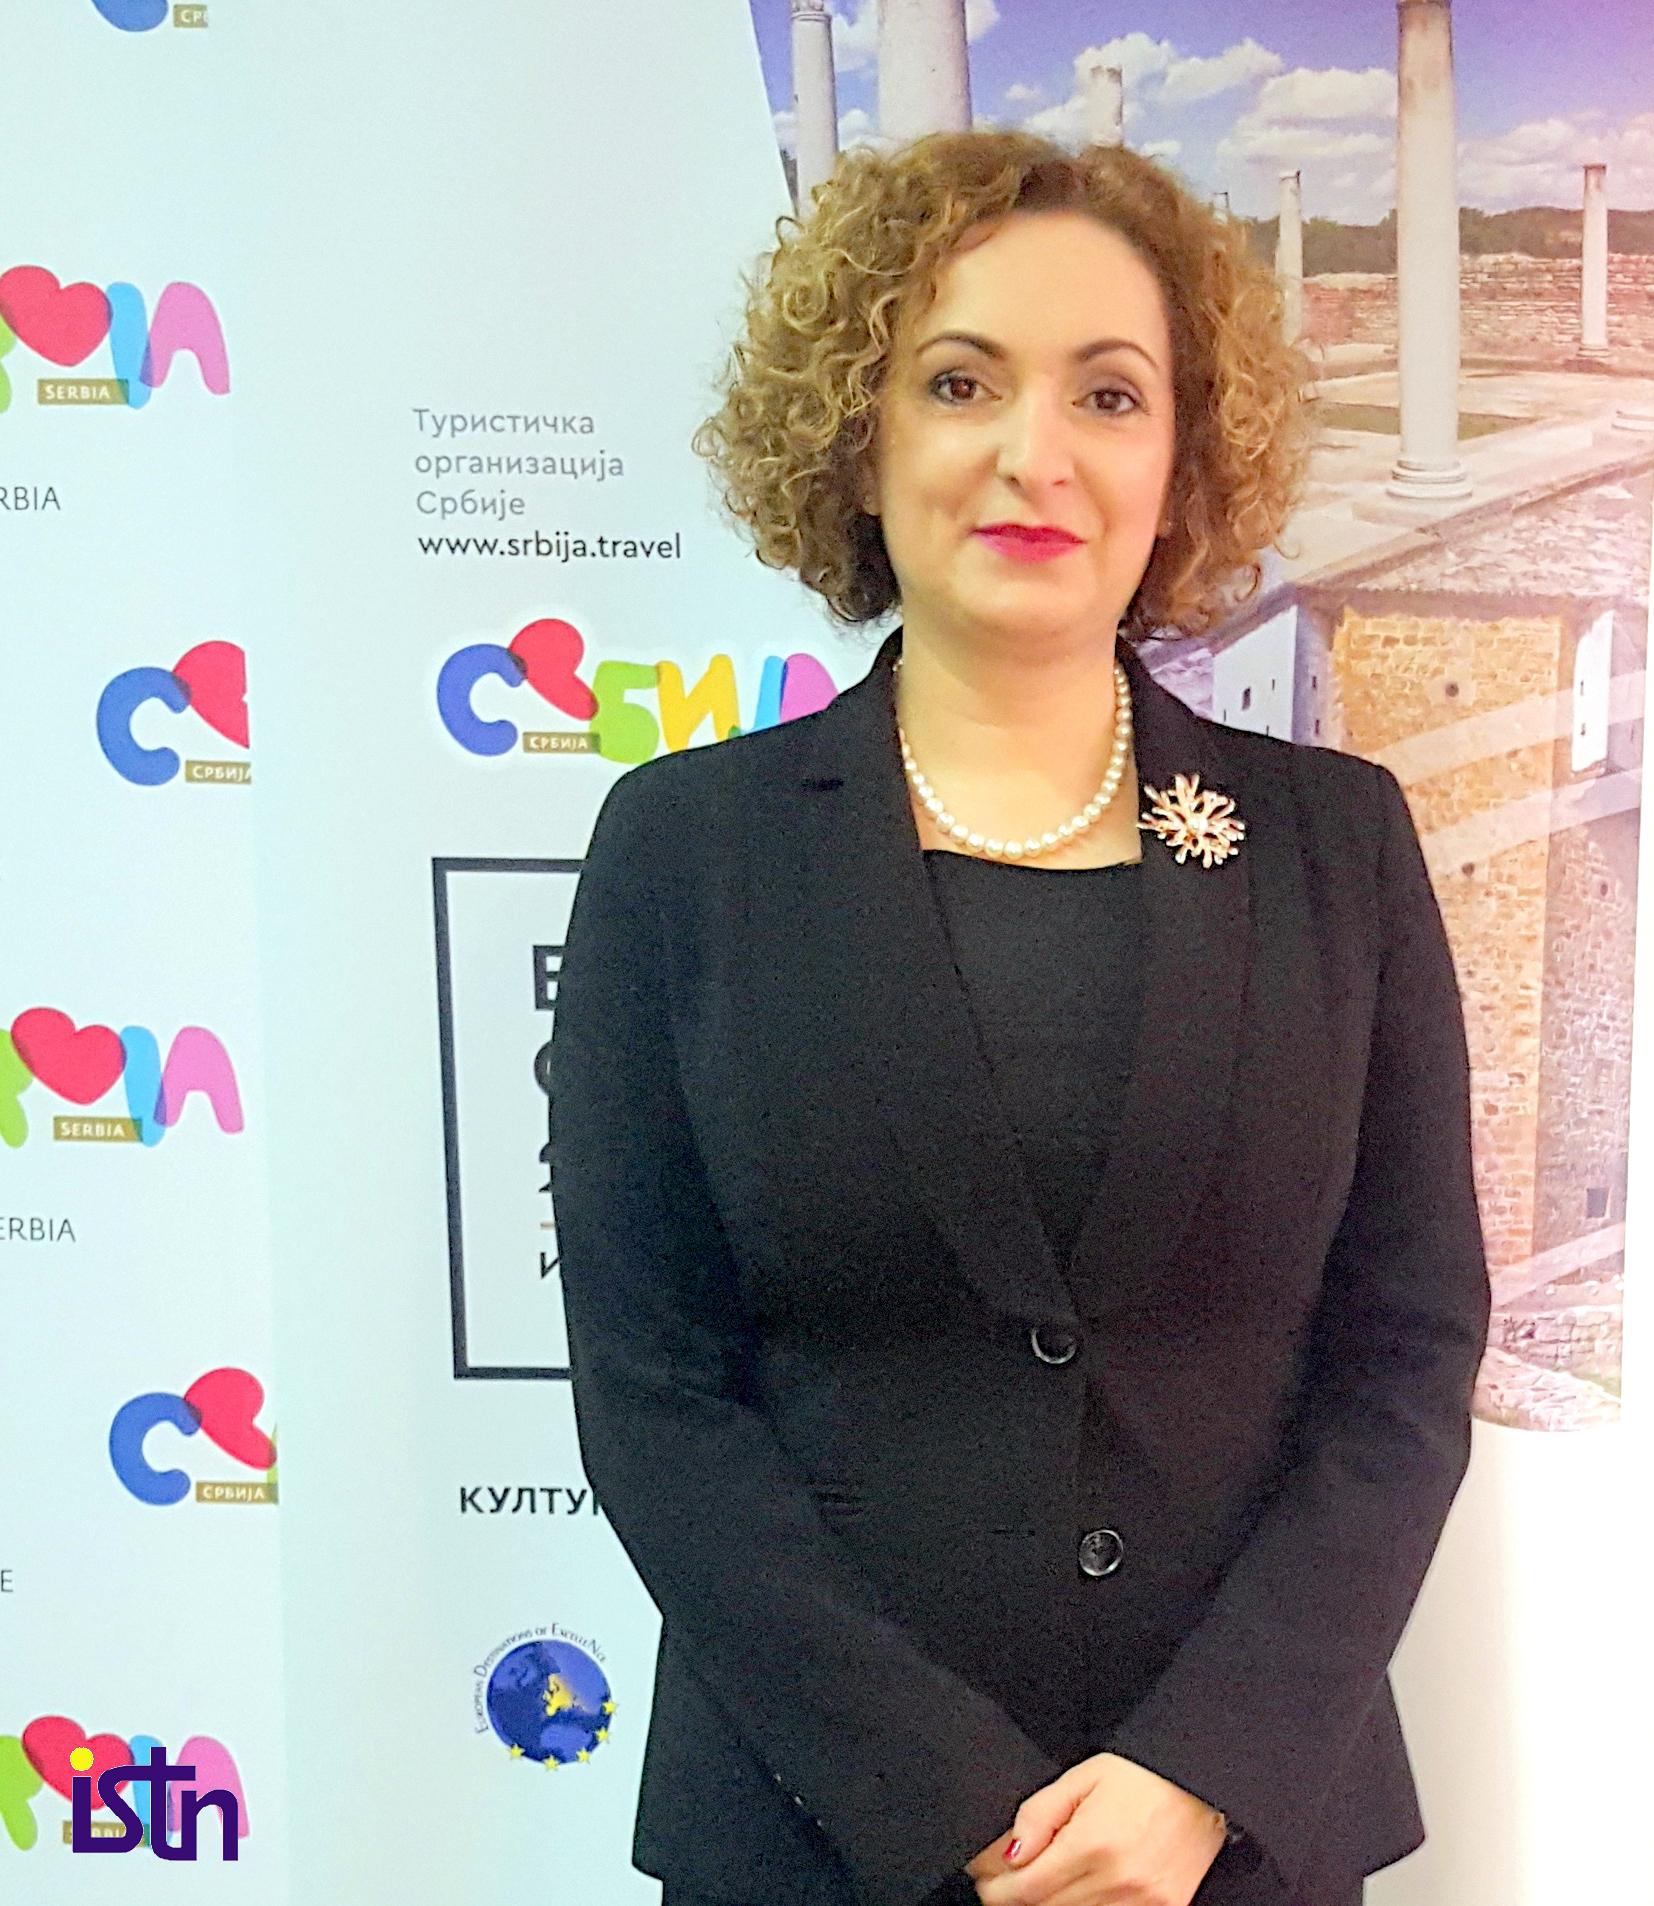 Marija labovic, direktorka Turisticke organizacije Srbije, ISTN